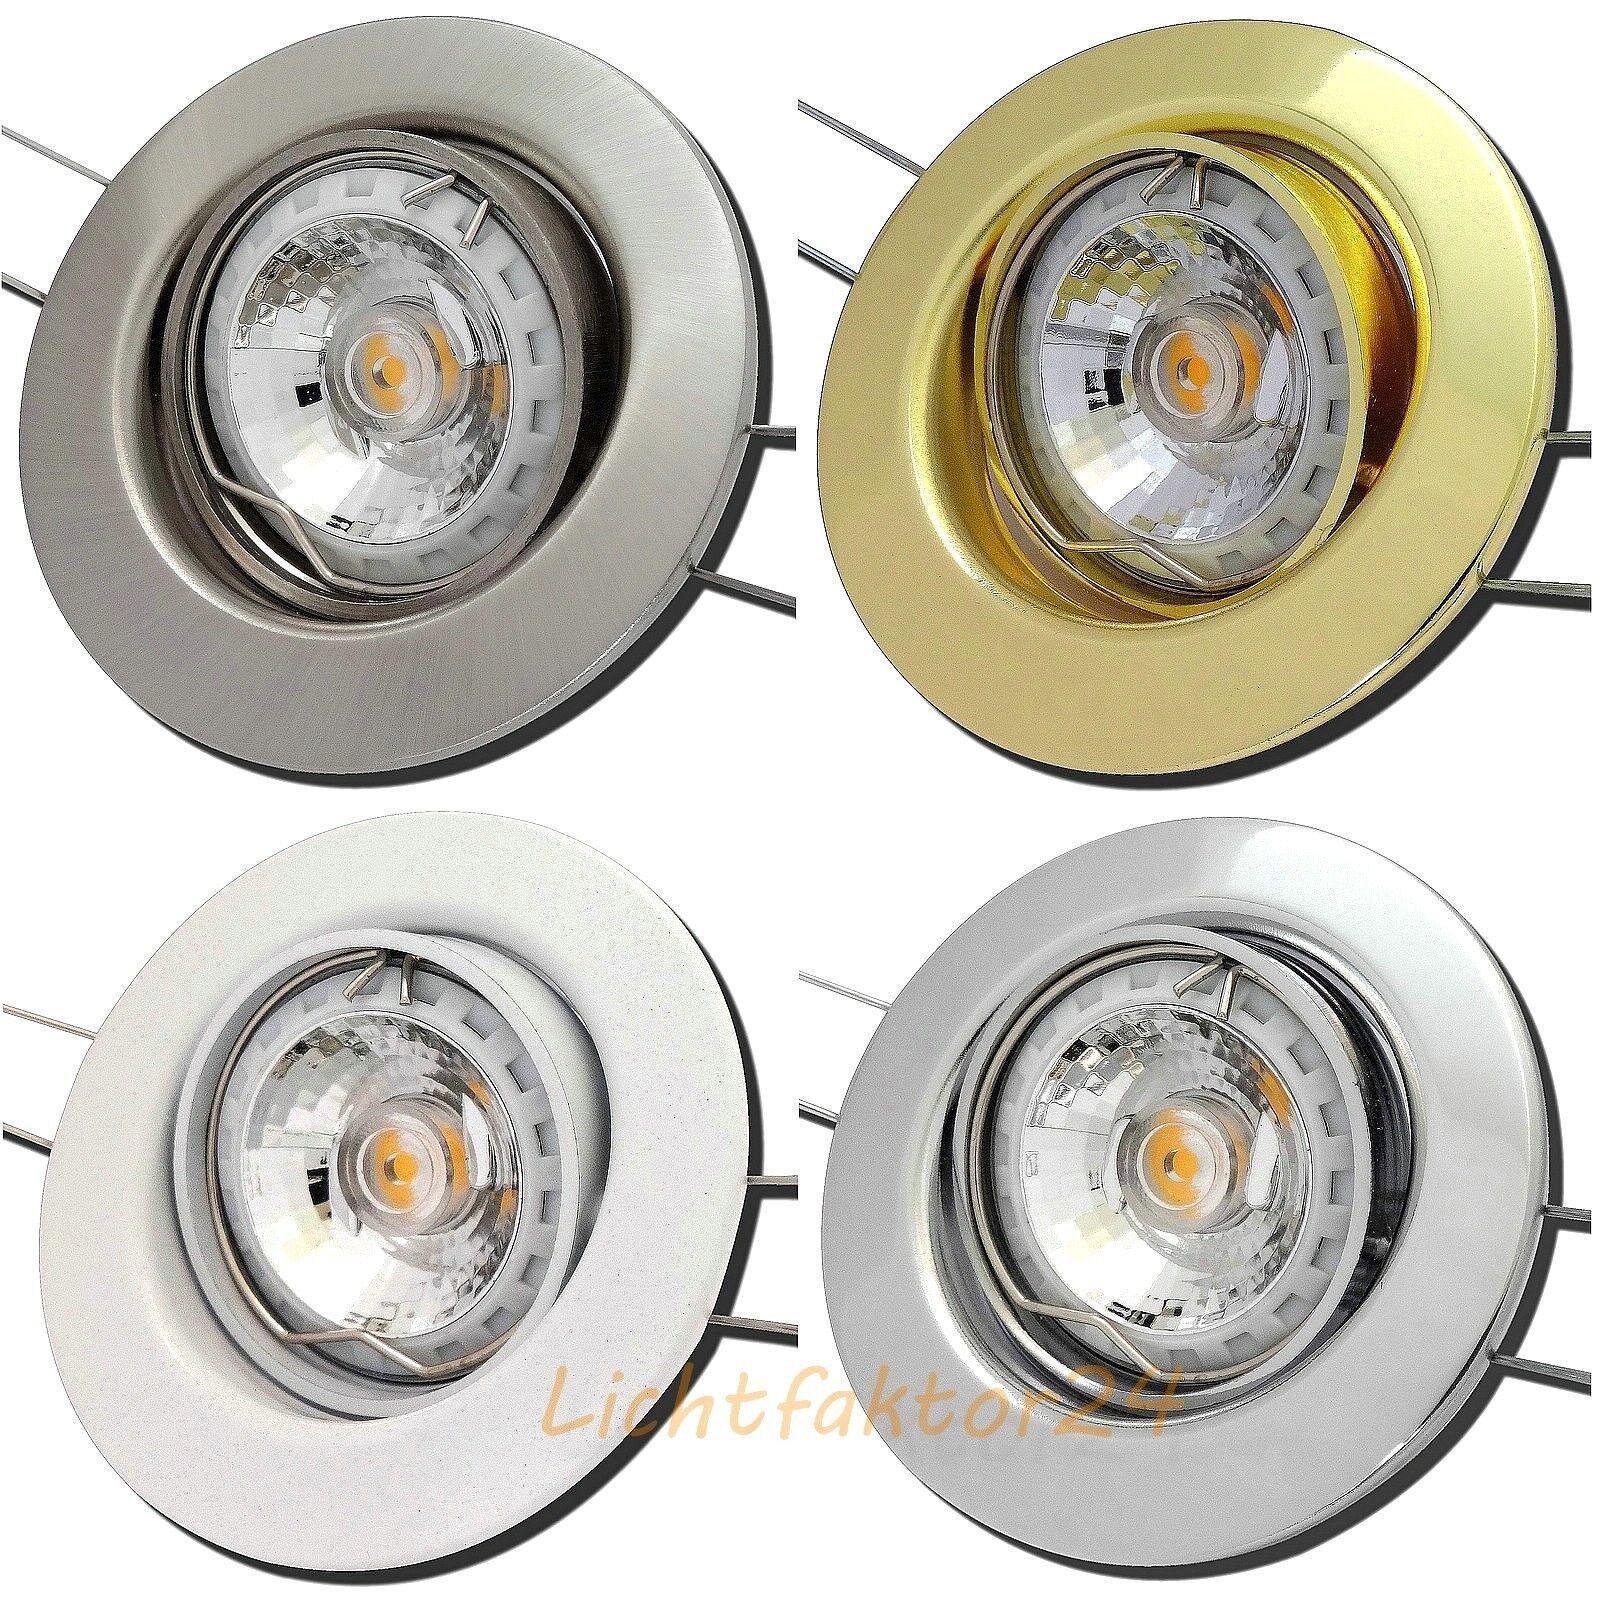 Reflekor COB LED Einbauleuchte Thomas   Gu10   EEK A   3W30W   220V   Hochvolt | Lebhaft  | Zu einem erschwinglichen Preis  | Günstige Bestellung